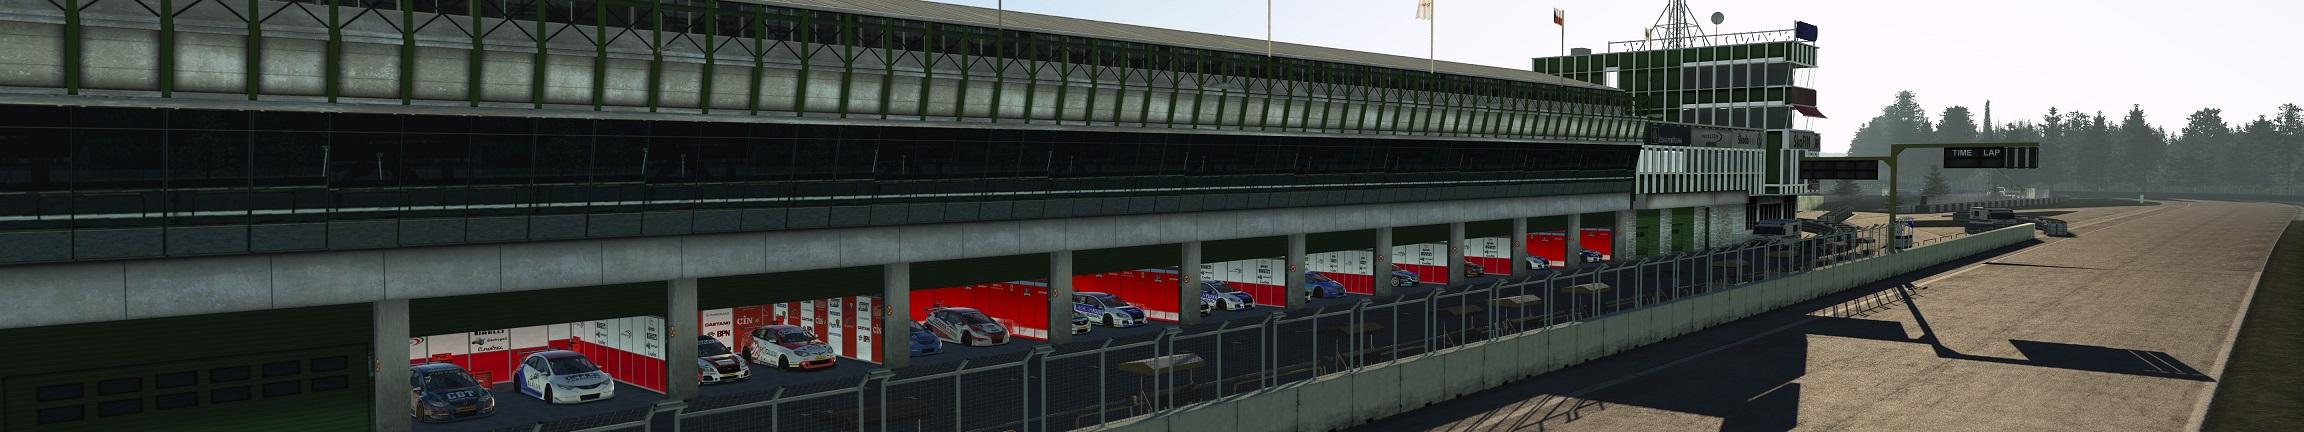 9 rF2 BTCC at BRNO pits copy.jpg